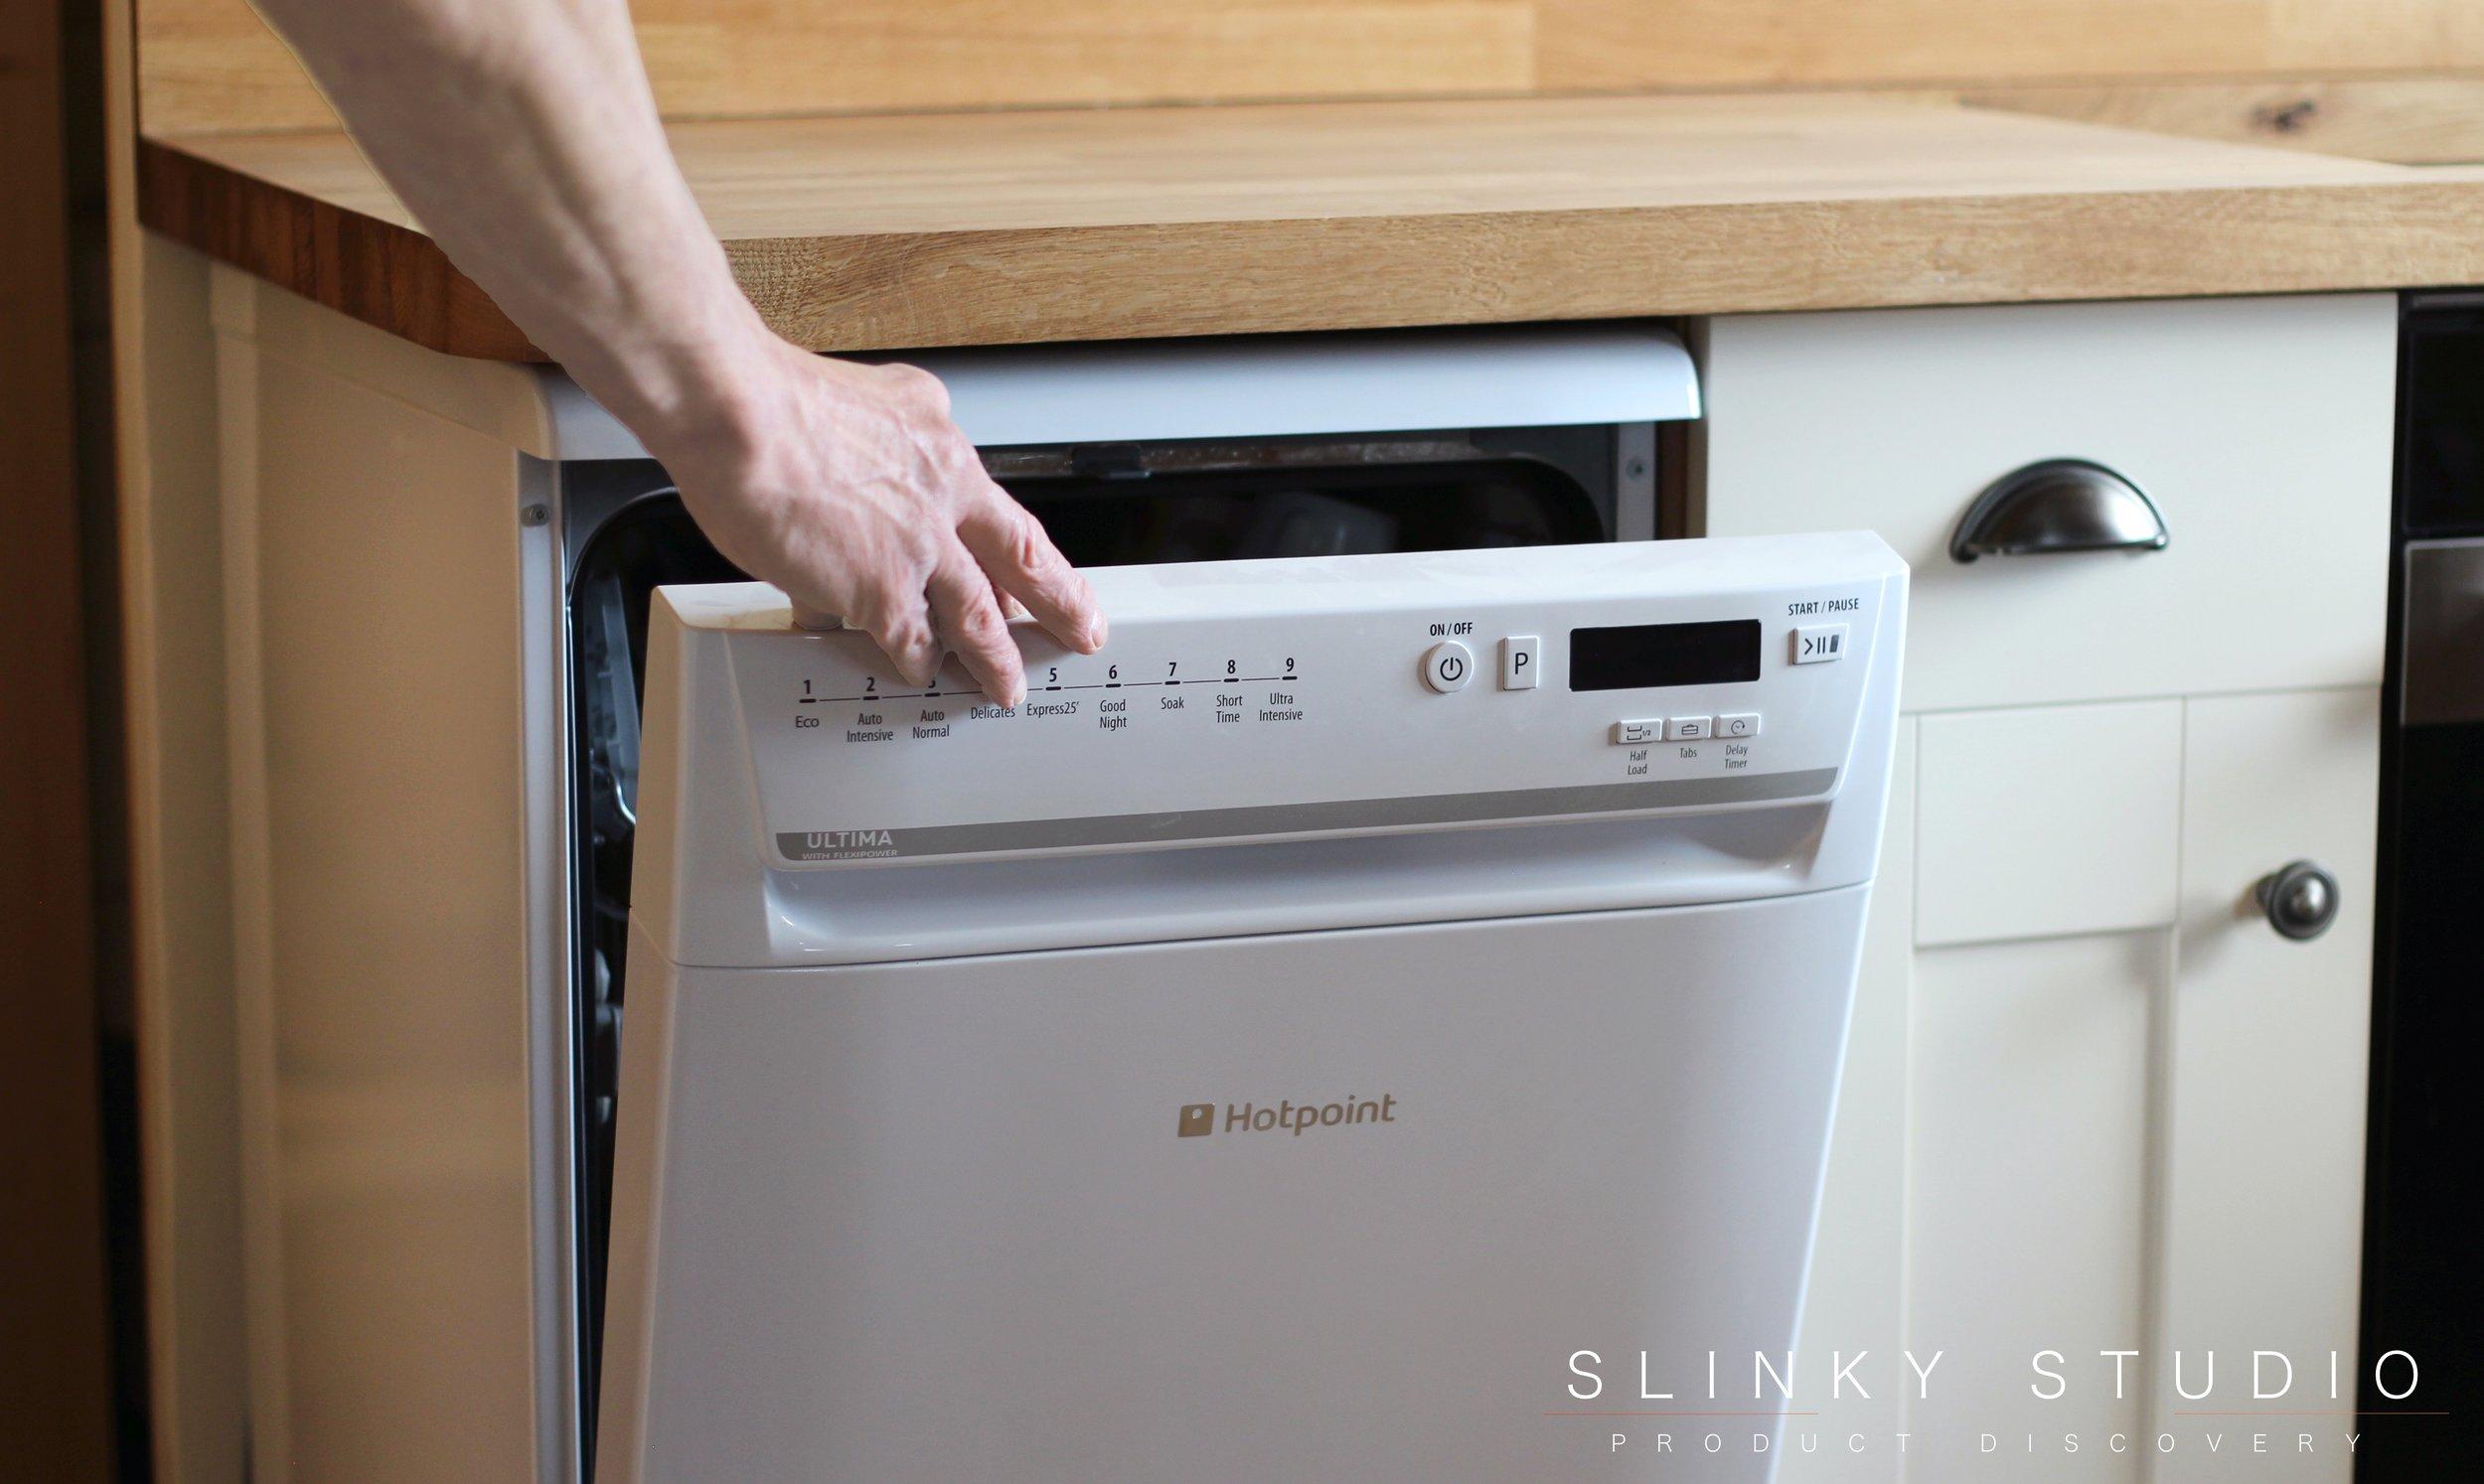 Hotpoint Ultima Slimline Dishwasher Handle Opening.jpg